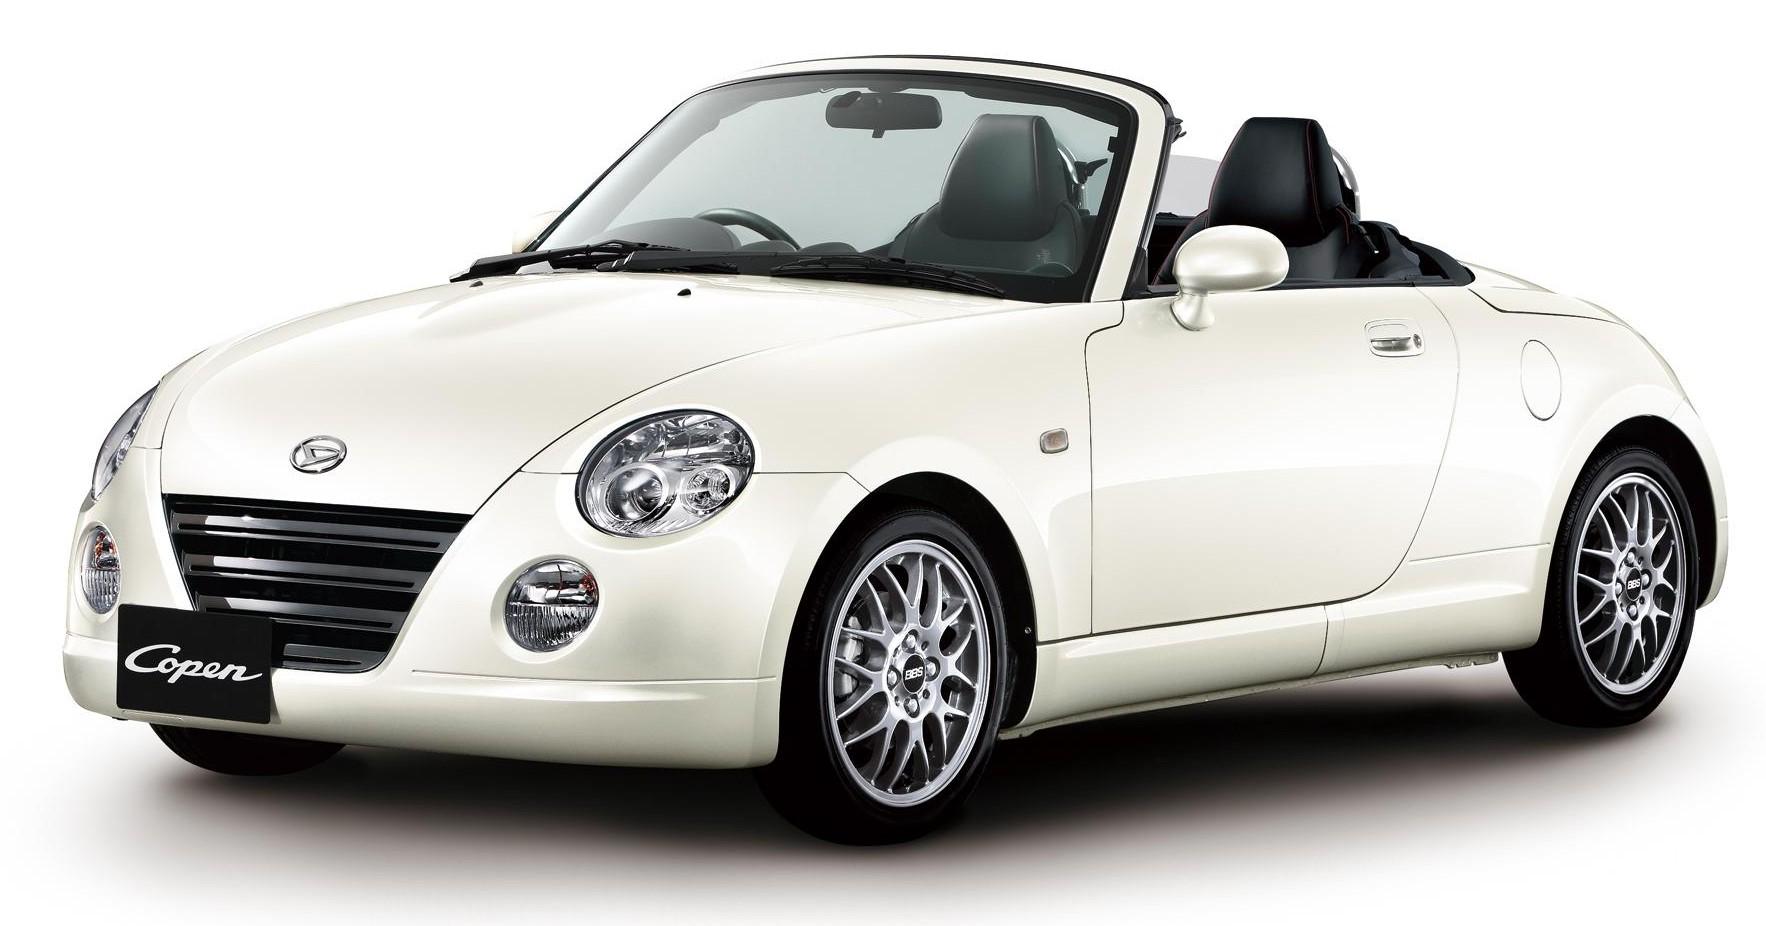 2代目コペン[ローブ]試乗記。S660が売れる理由がよく分かった - newcars.jp(ニューカーズ)